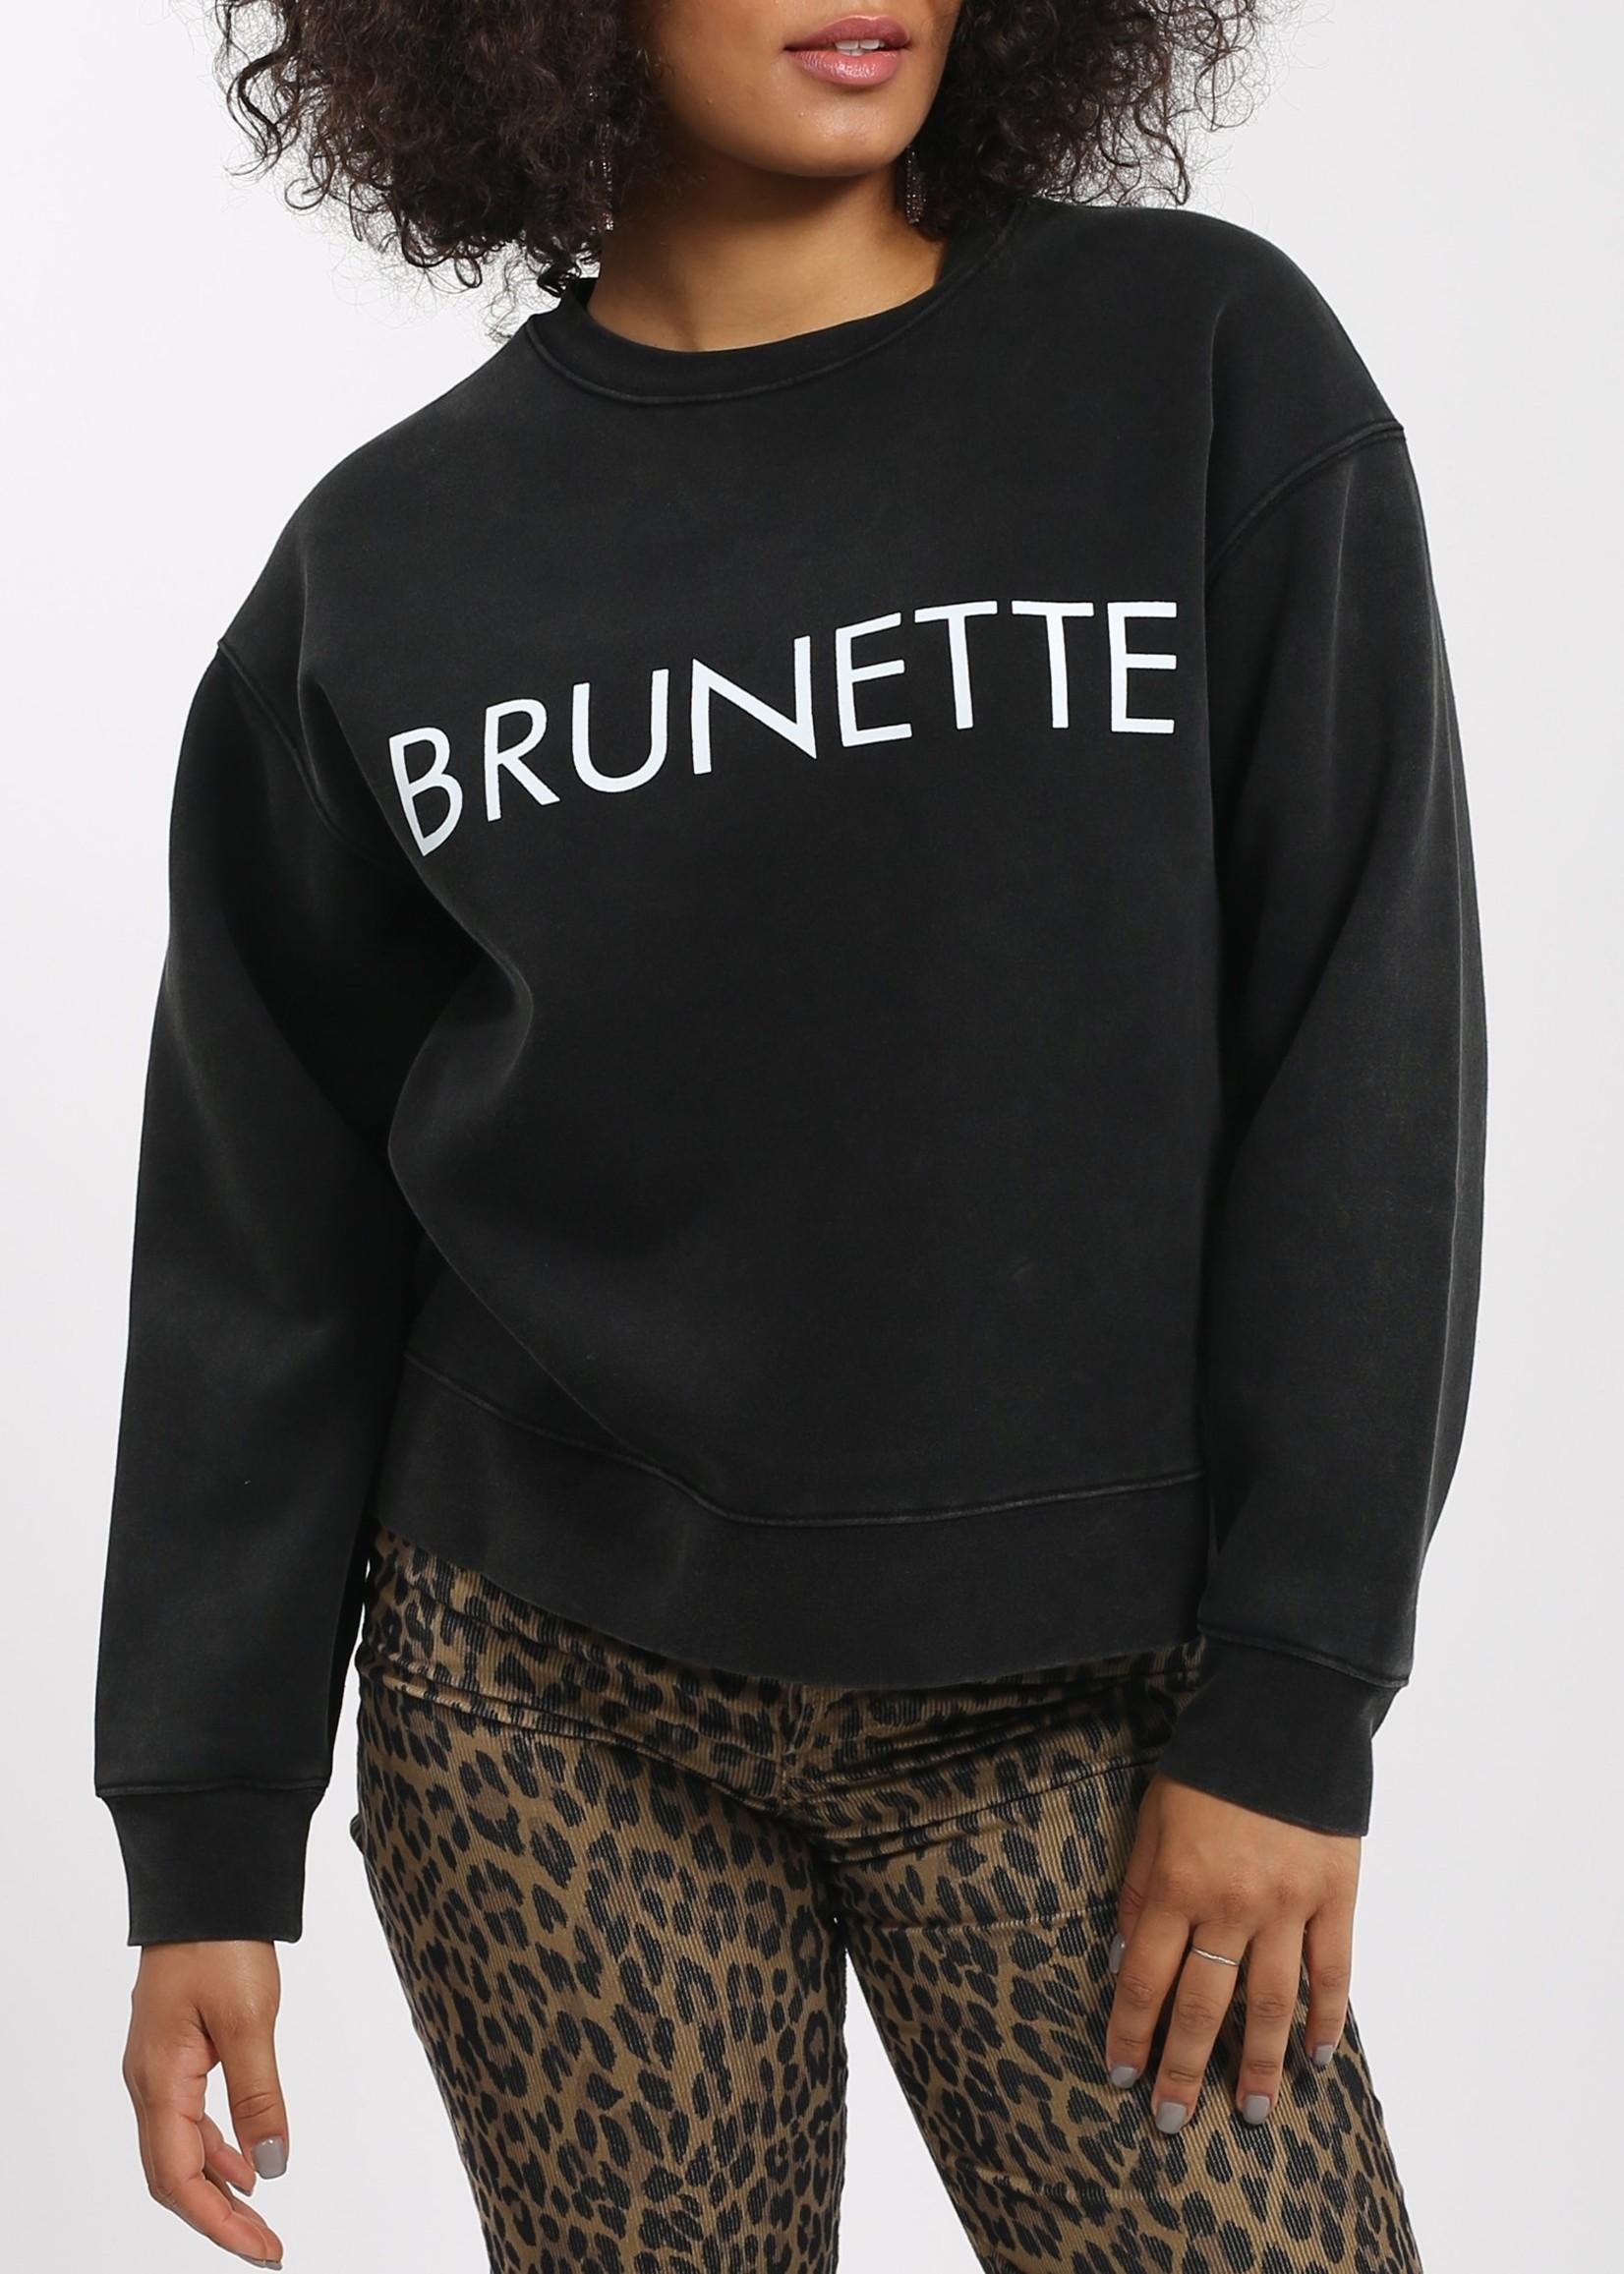 Brunette Brunette Step Sister